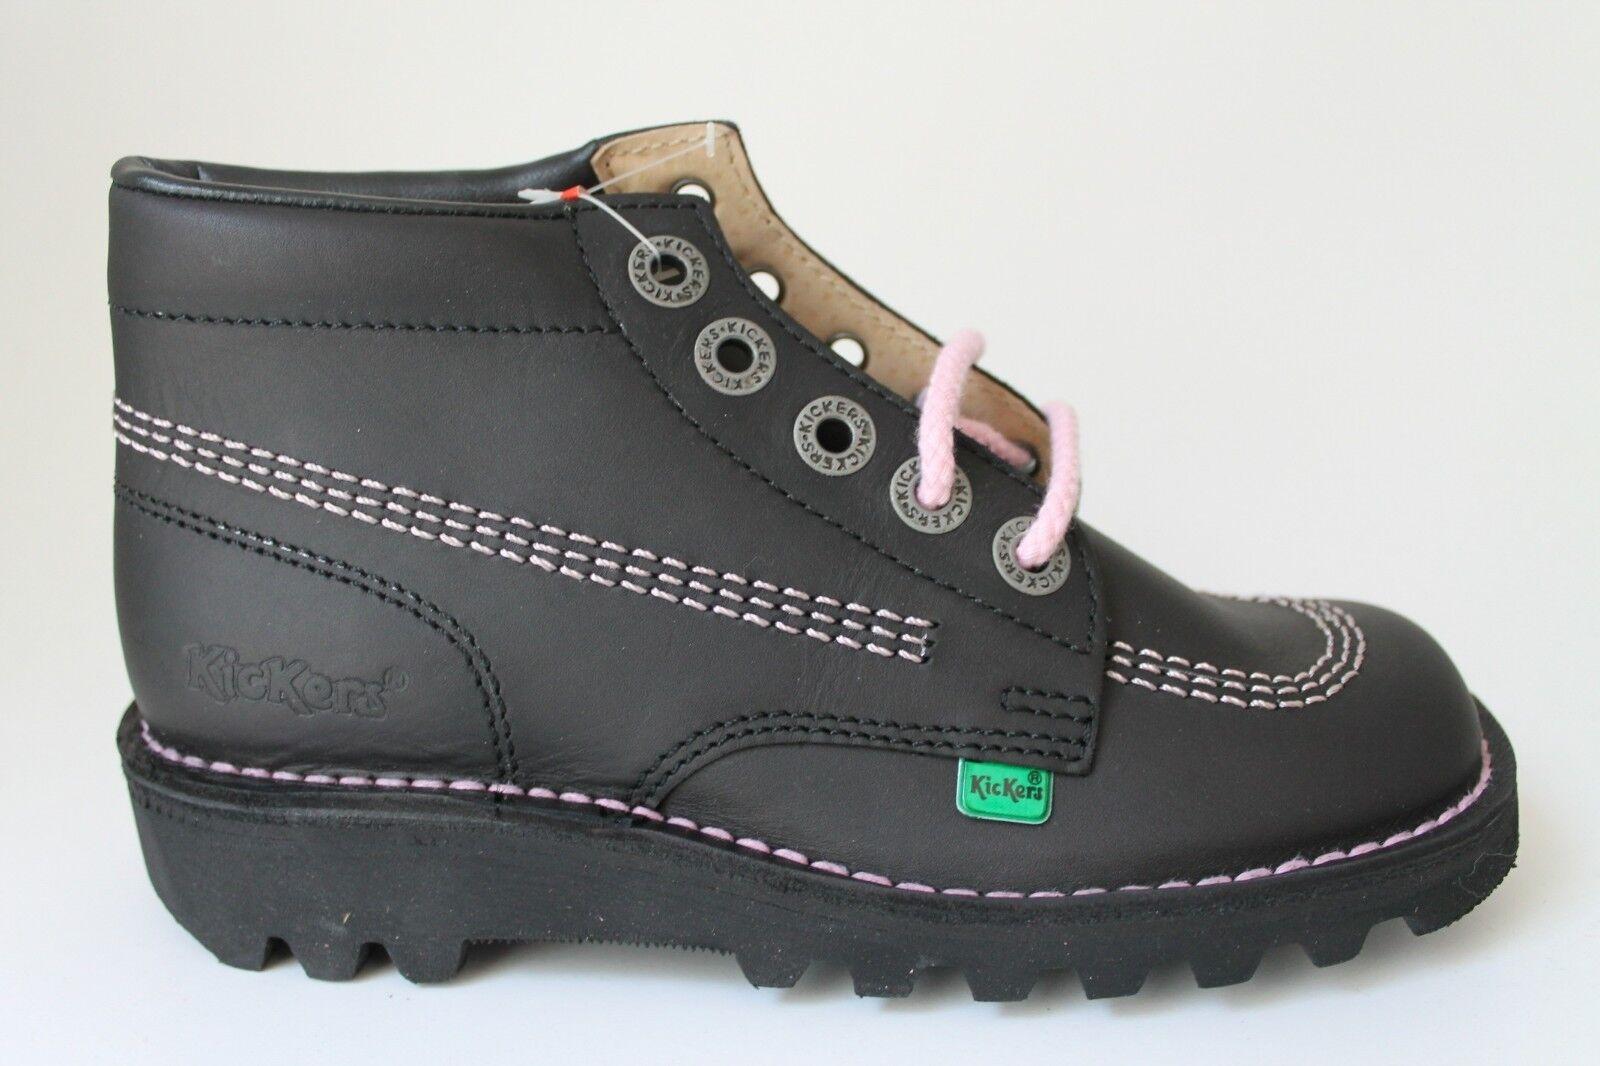 KICKERS KICK HI W CORE BLACK LIGHT PINK Damenschuhe LACE UP BOOTS Schuhe EU36 - EU38